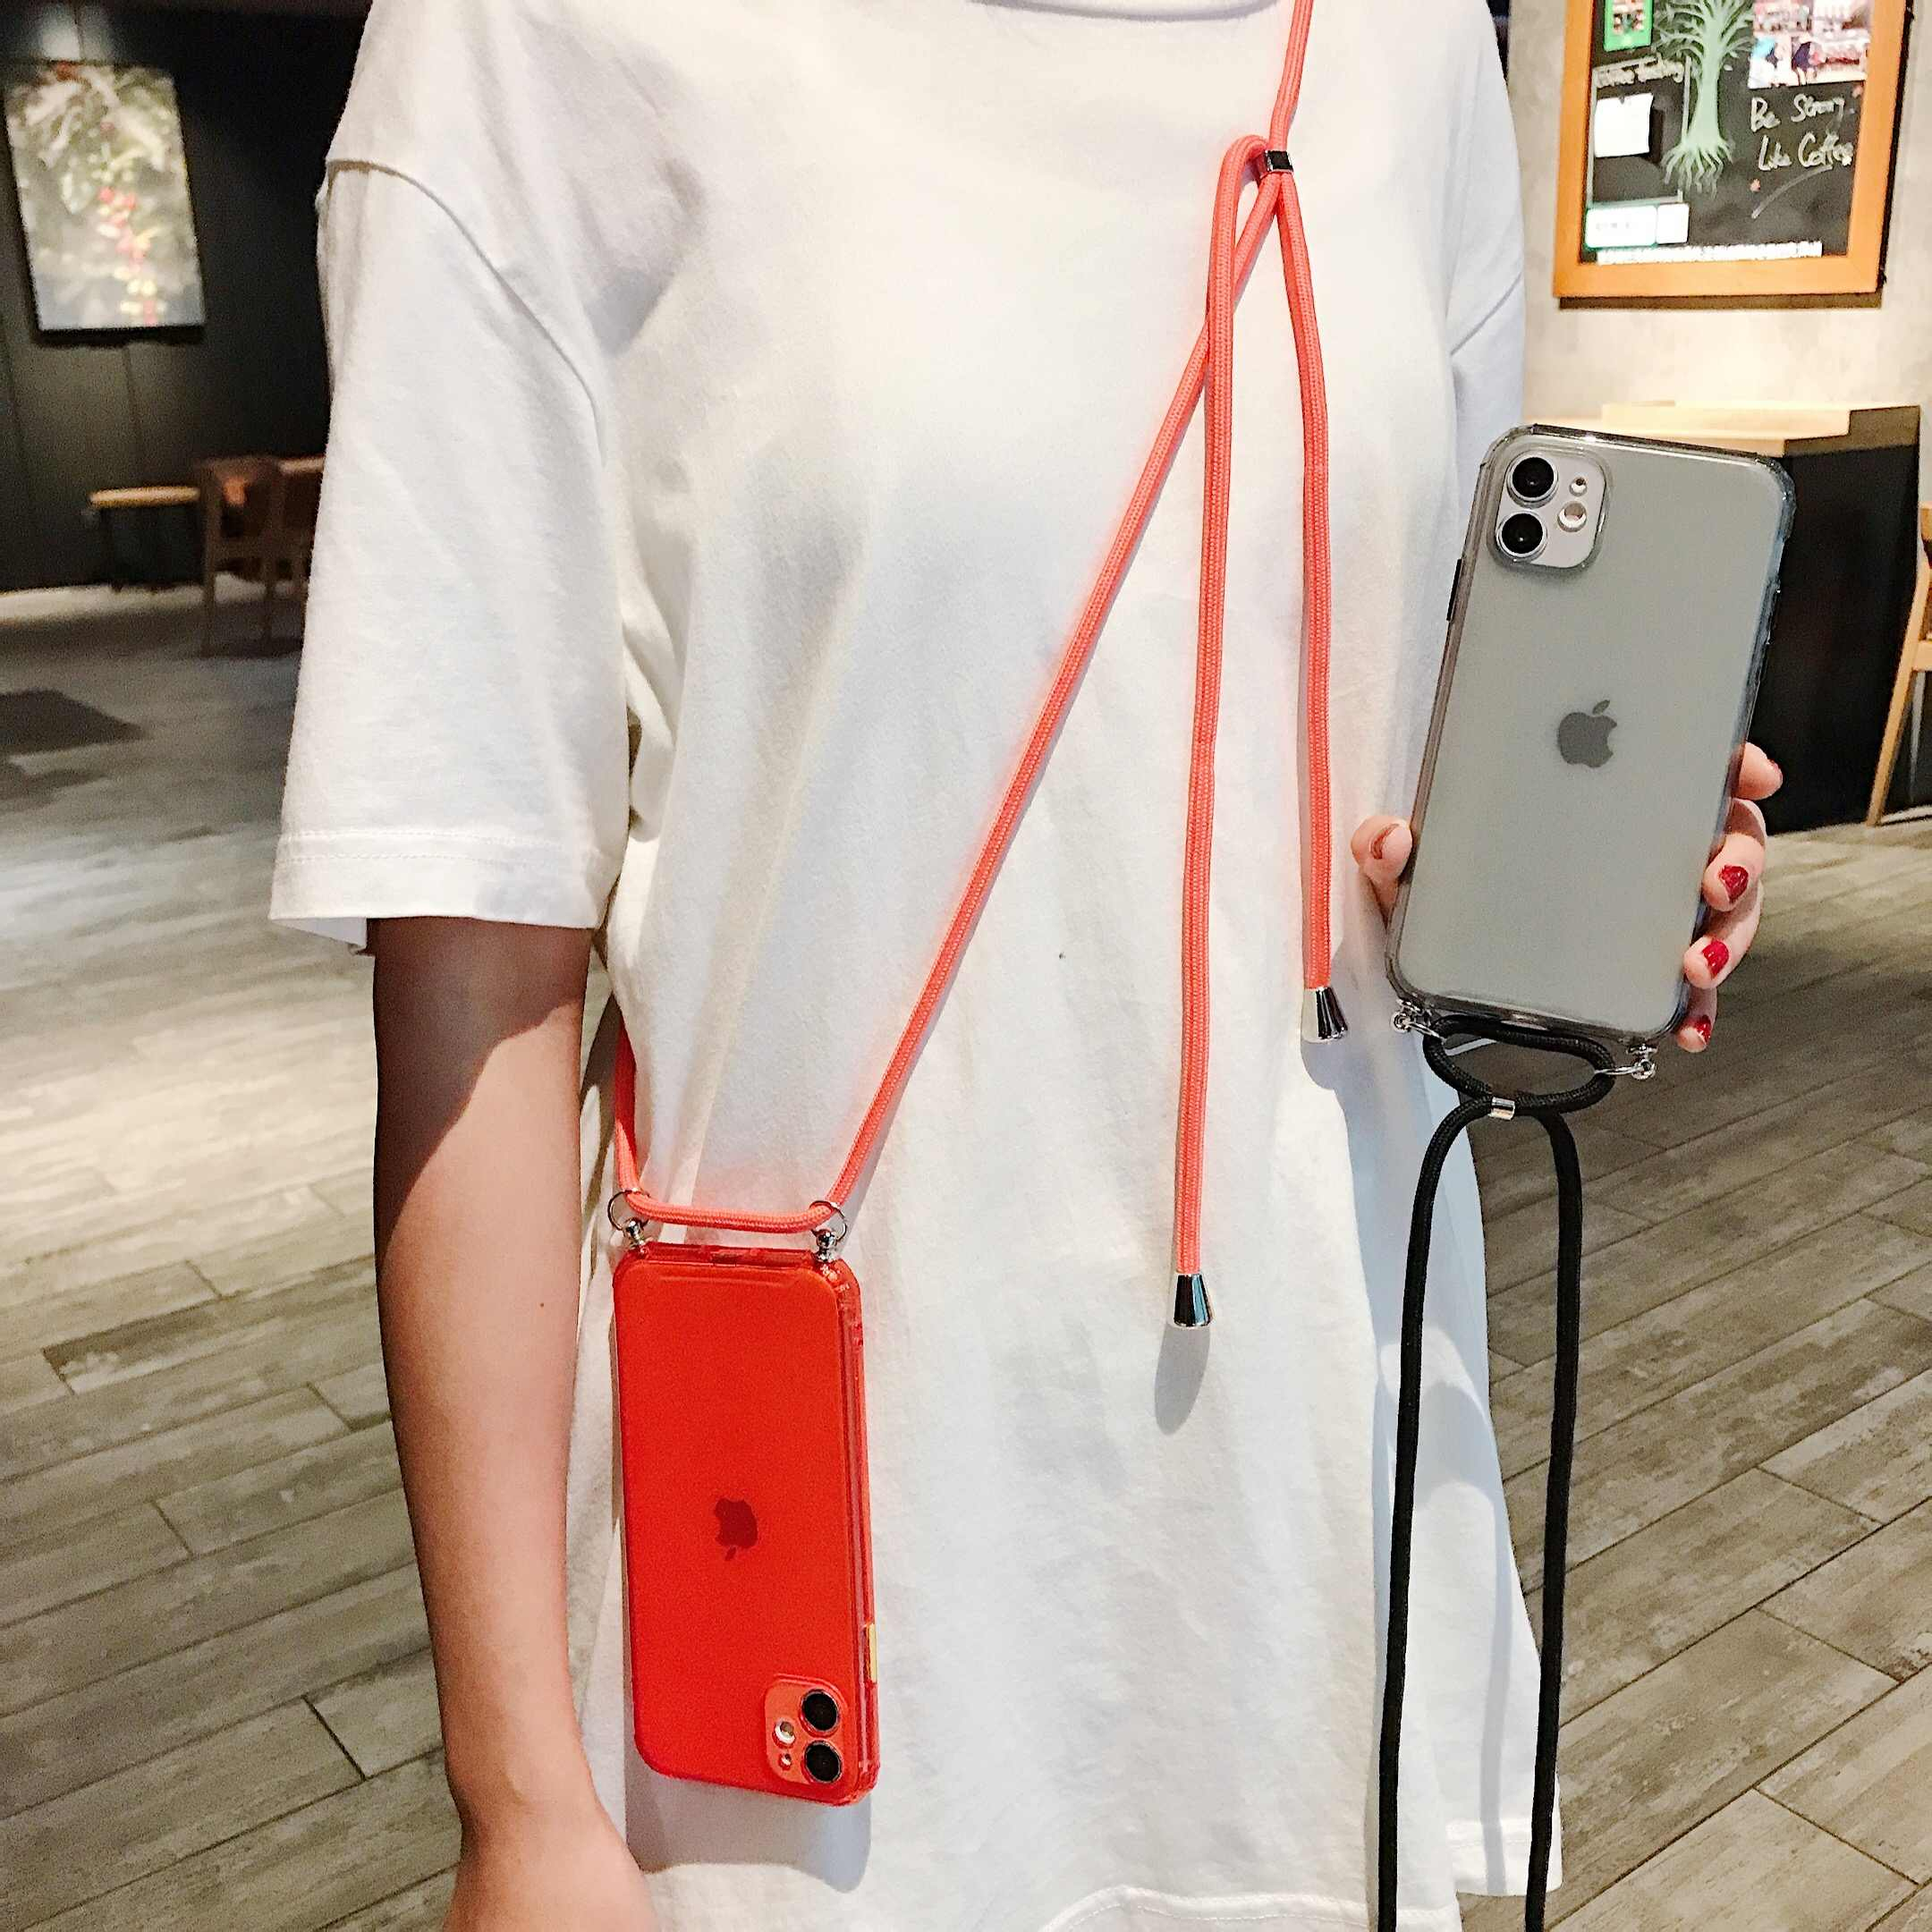 Чехол с цепочкой для iPhone 11Pro 7 8 6 6S Plus XR XS Max X, конфетный цвет, ленточный ремешок, цепь, висячий чехол для iPhone 11